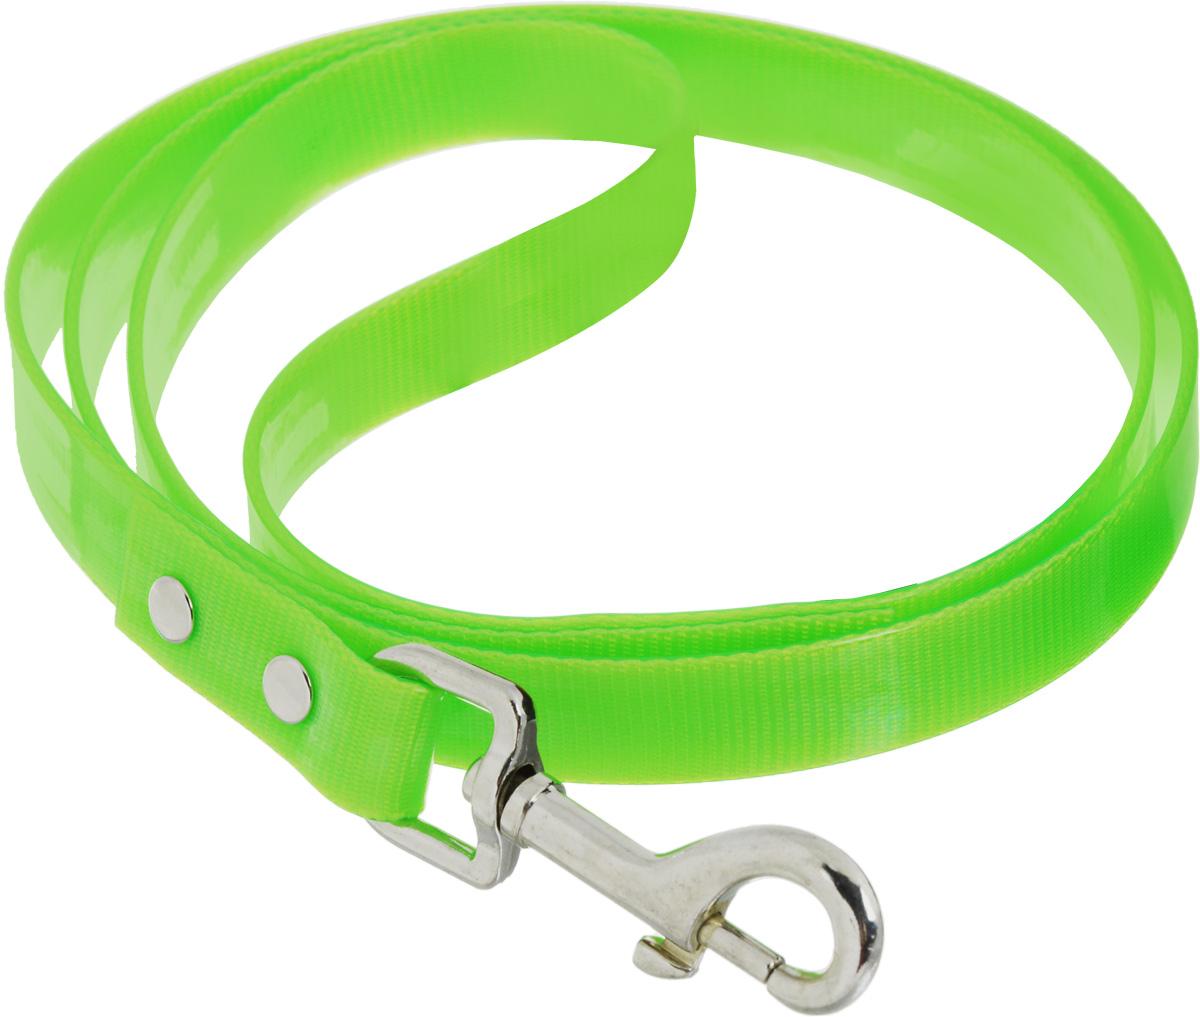 Поводок для собак Каскад Синтетик, цвет: салатовый, ширина 2 см, длина 2 м поводок для собак каскад классика двухсторонний со стальным карабином ширина 2 см длина 1 2 м